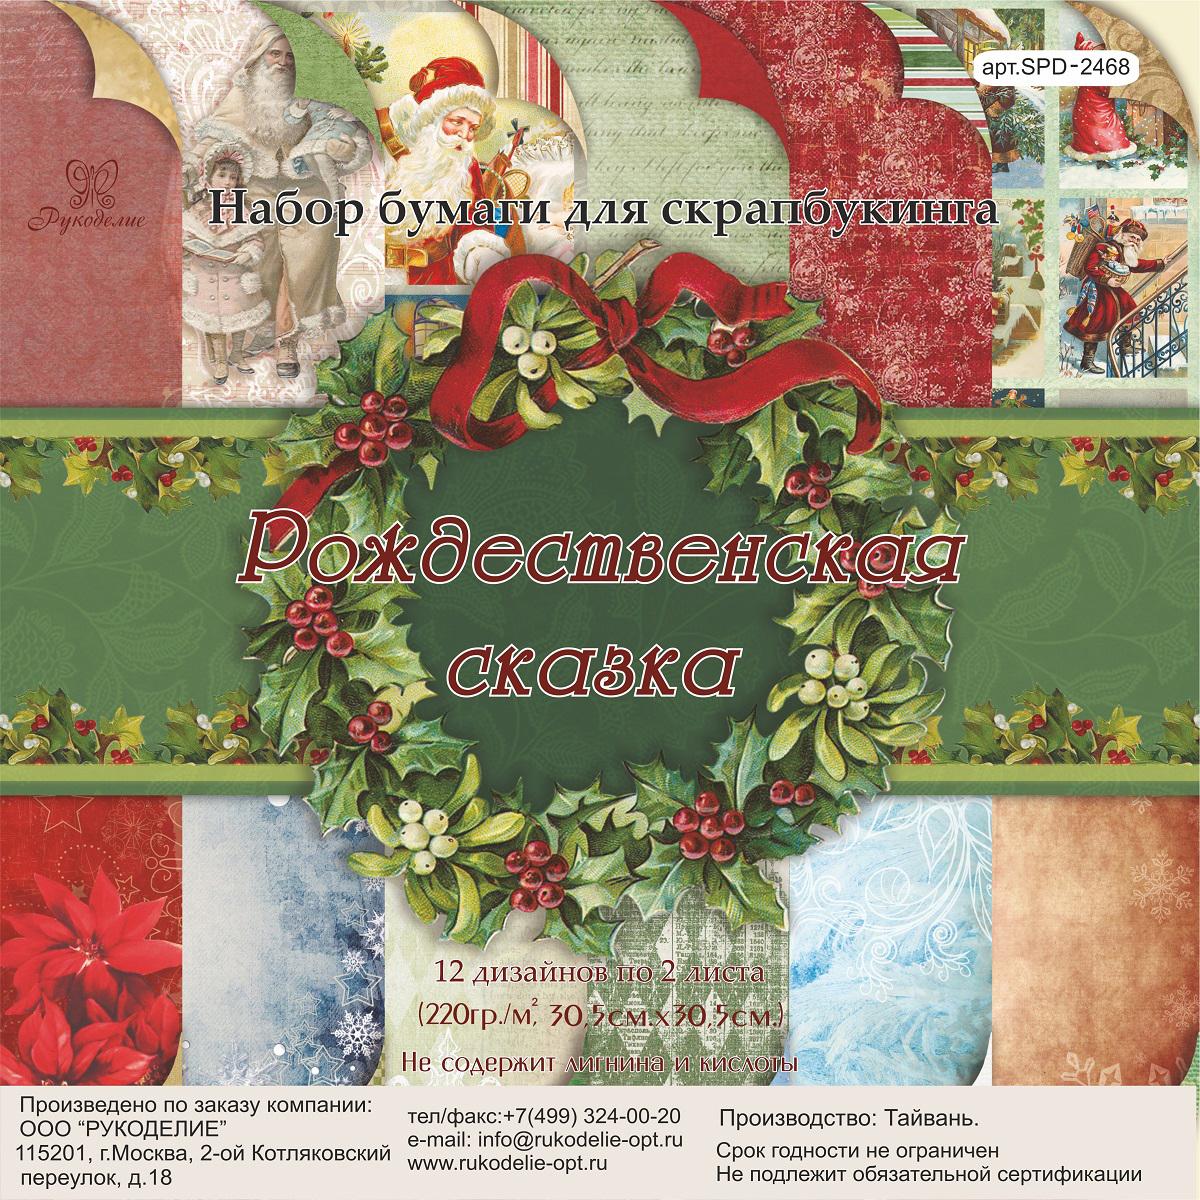 """Набор бумаги для скрапбукинга Рукоделие """"Рождественская сказка"""" позволит создать красивый альбом или открытку ручной работ.                                                                                                                               Скрапбукинг - это хобби, которое способно приносить массу приятных эмоций не только человеку, который занимается скрапбукингом, но и его близким, друзьям, родным. Это невероятно увлекательное занятие, которое поможет вам сохранить наиболее памятные и яркие моменты вашей жизни для вас и даже ваших потомков. Набор бумаги 24 листа, 12 дизайнов по 2 листа (200гр./м кв.), не содержит лигнина и кислот."""